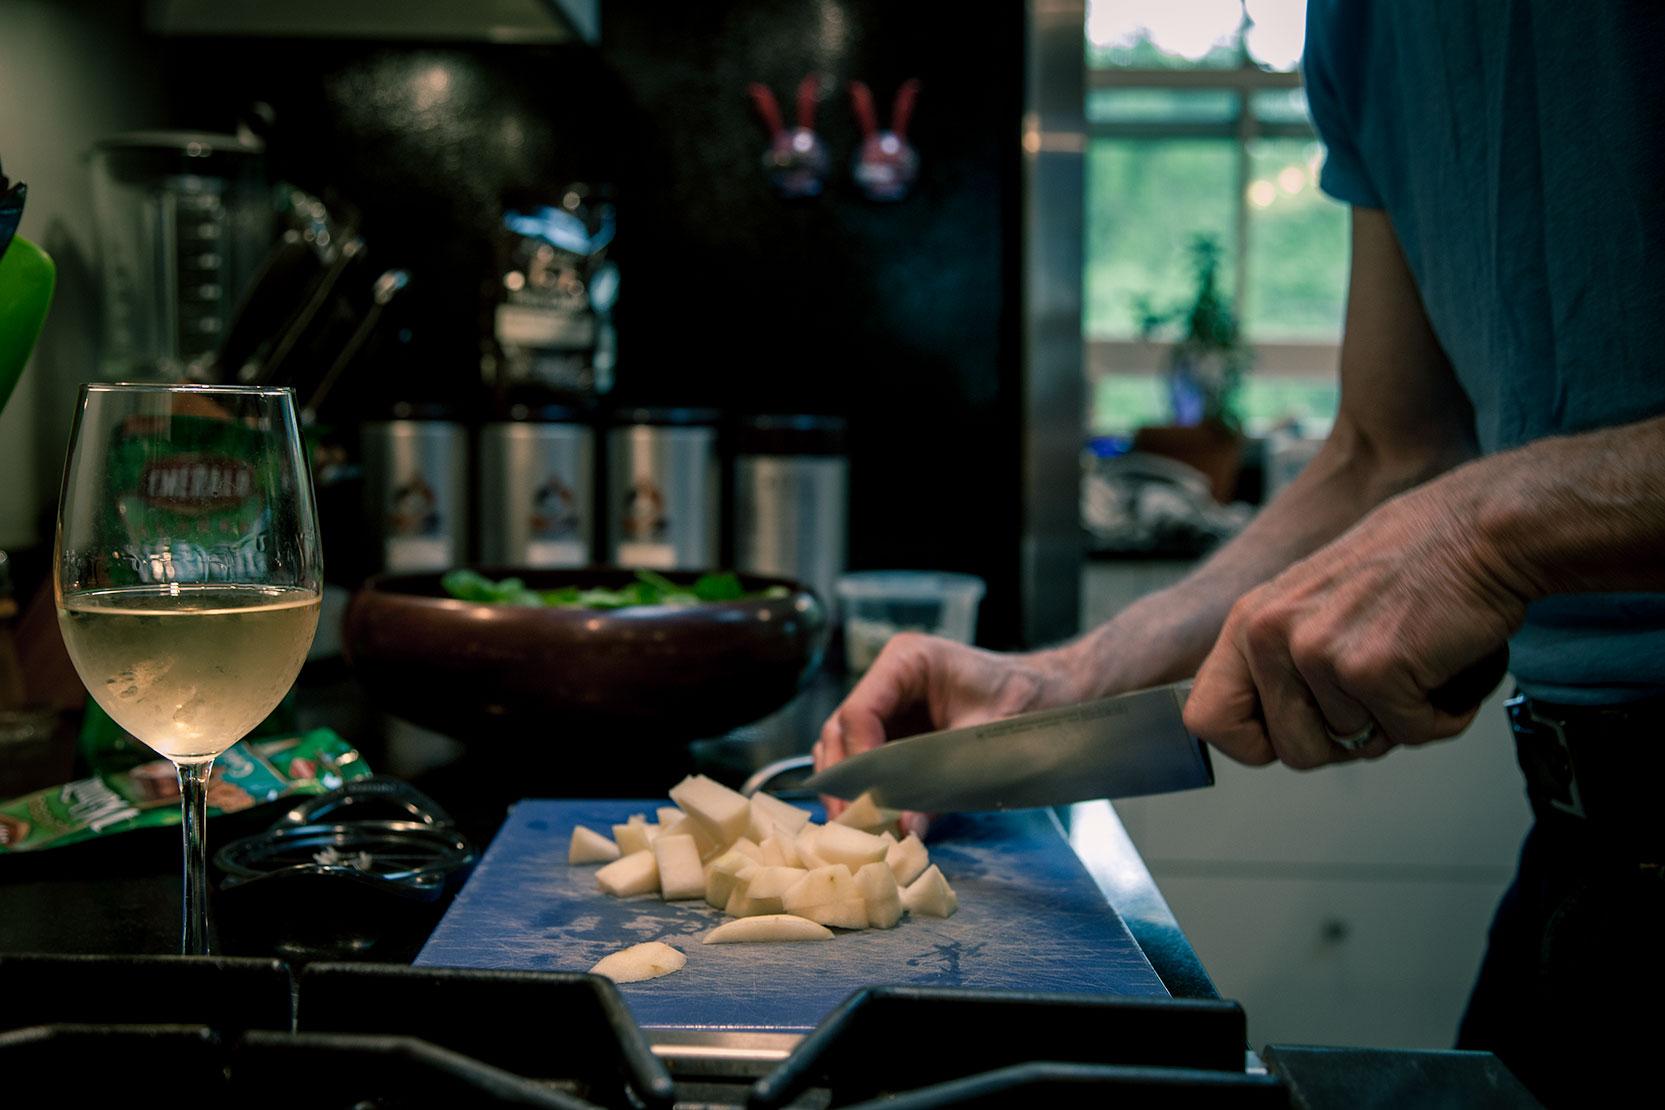 Cooking02.jpg